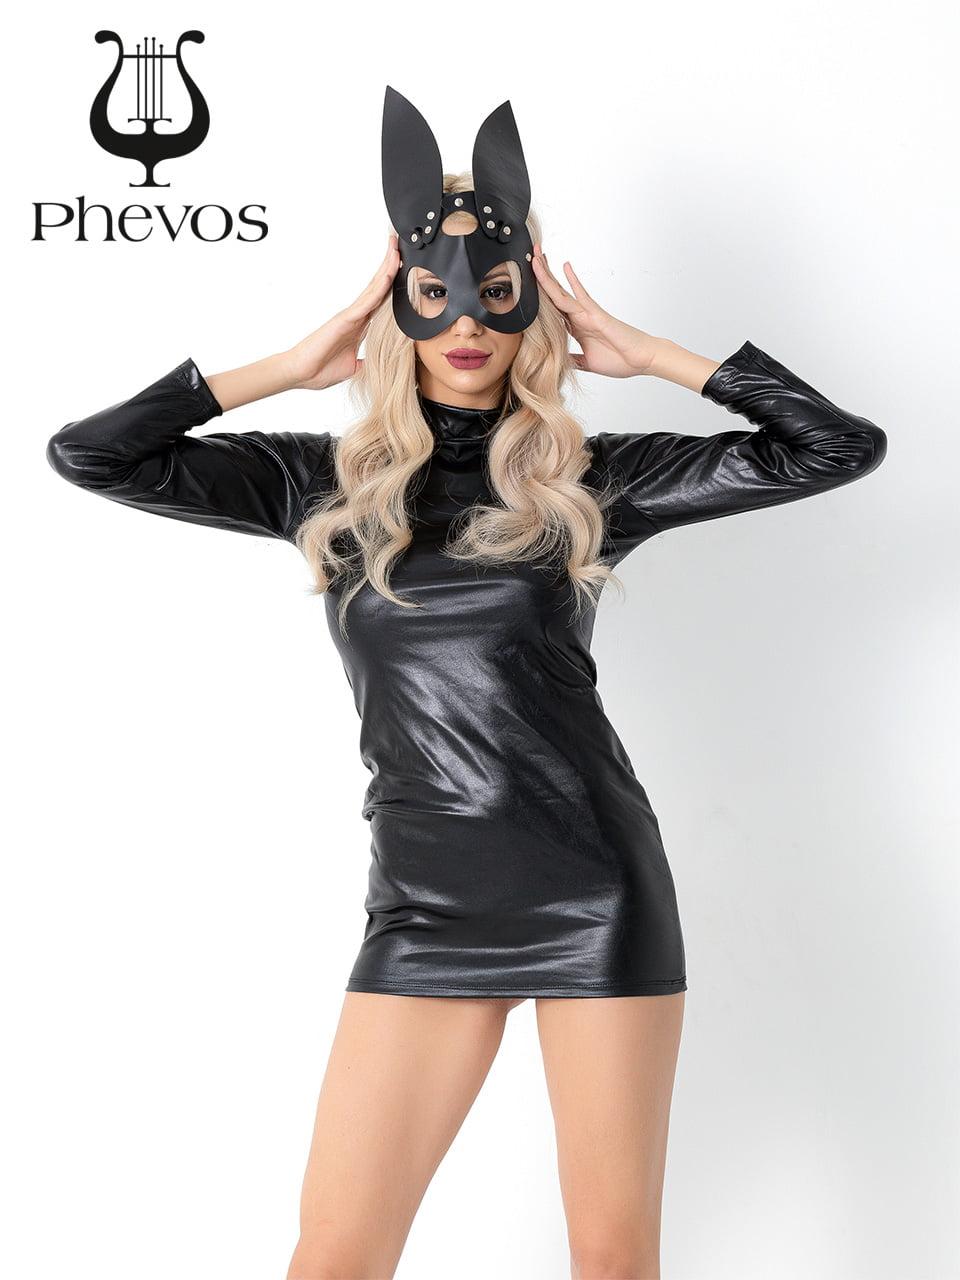 Phevos Deri Kedi Kadın Fantezi Kostüm